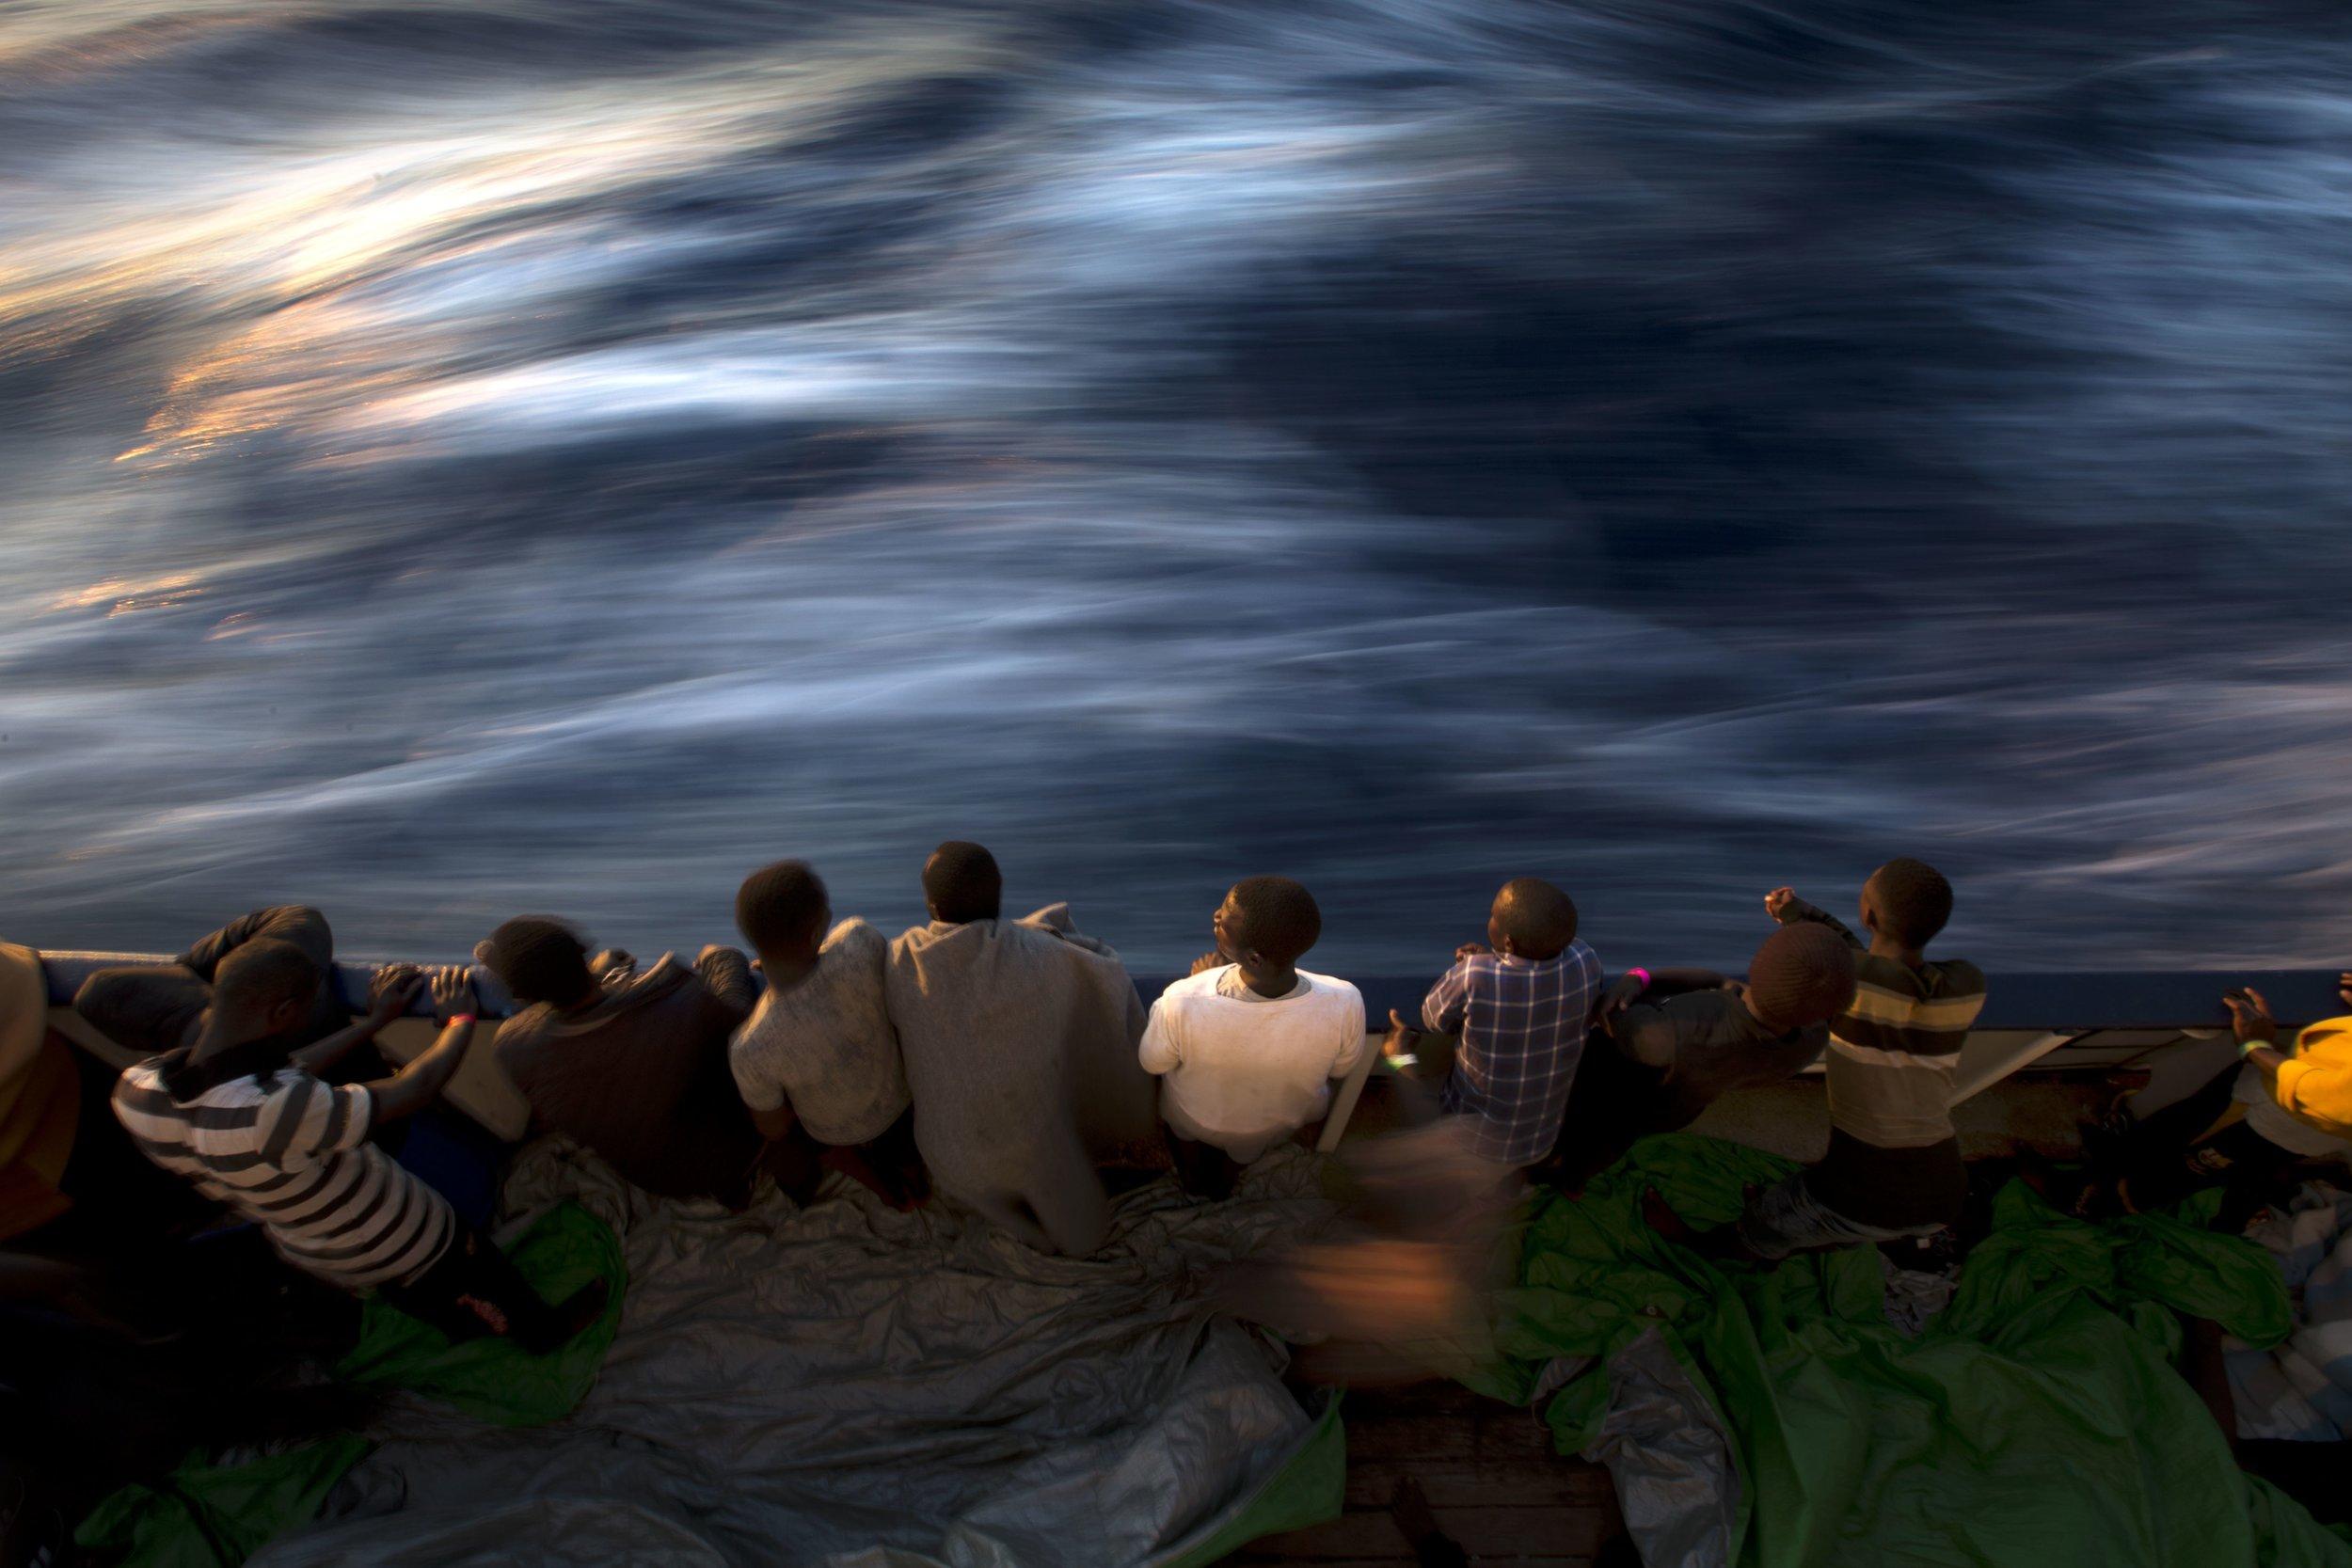 Image: Emilio Morenatti/AP